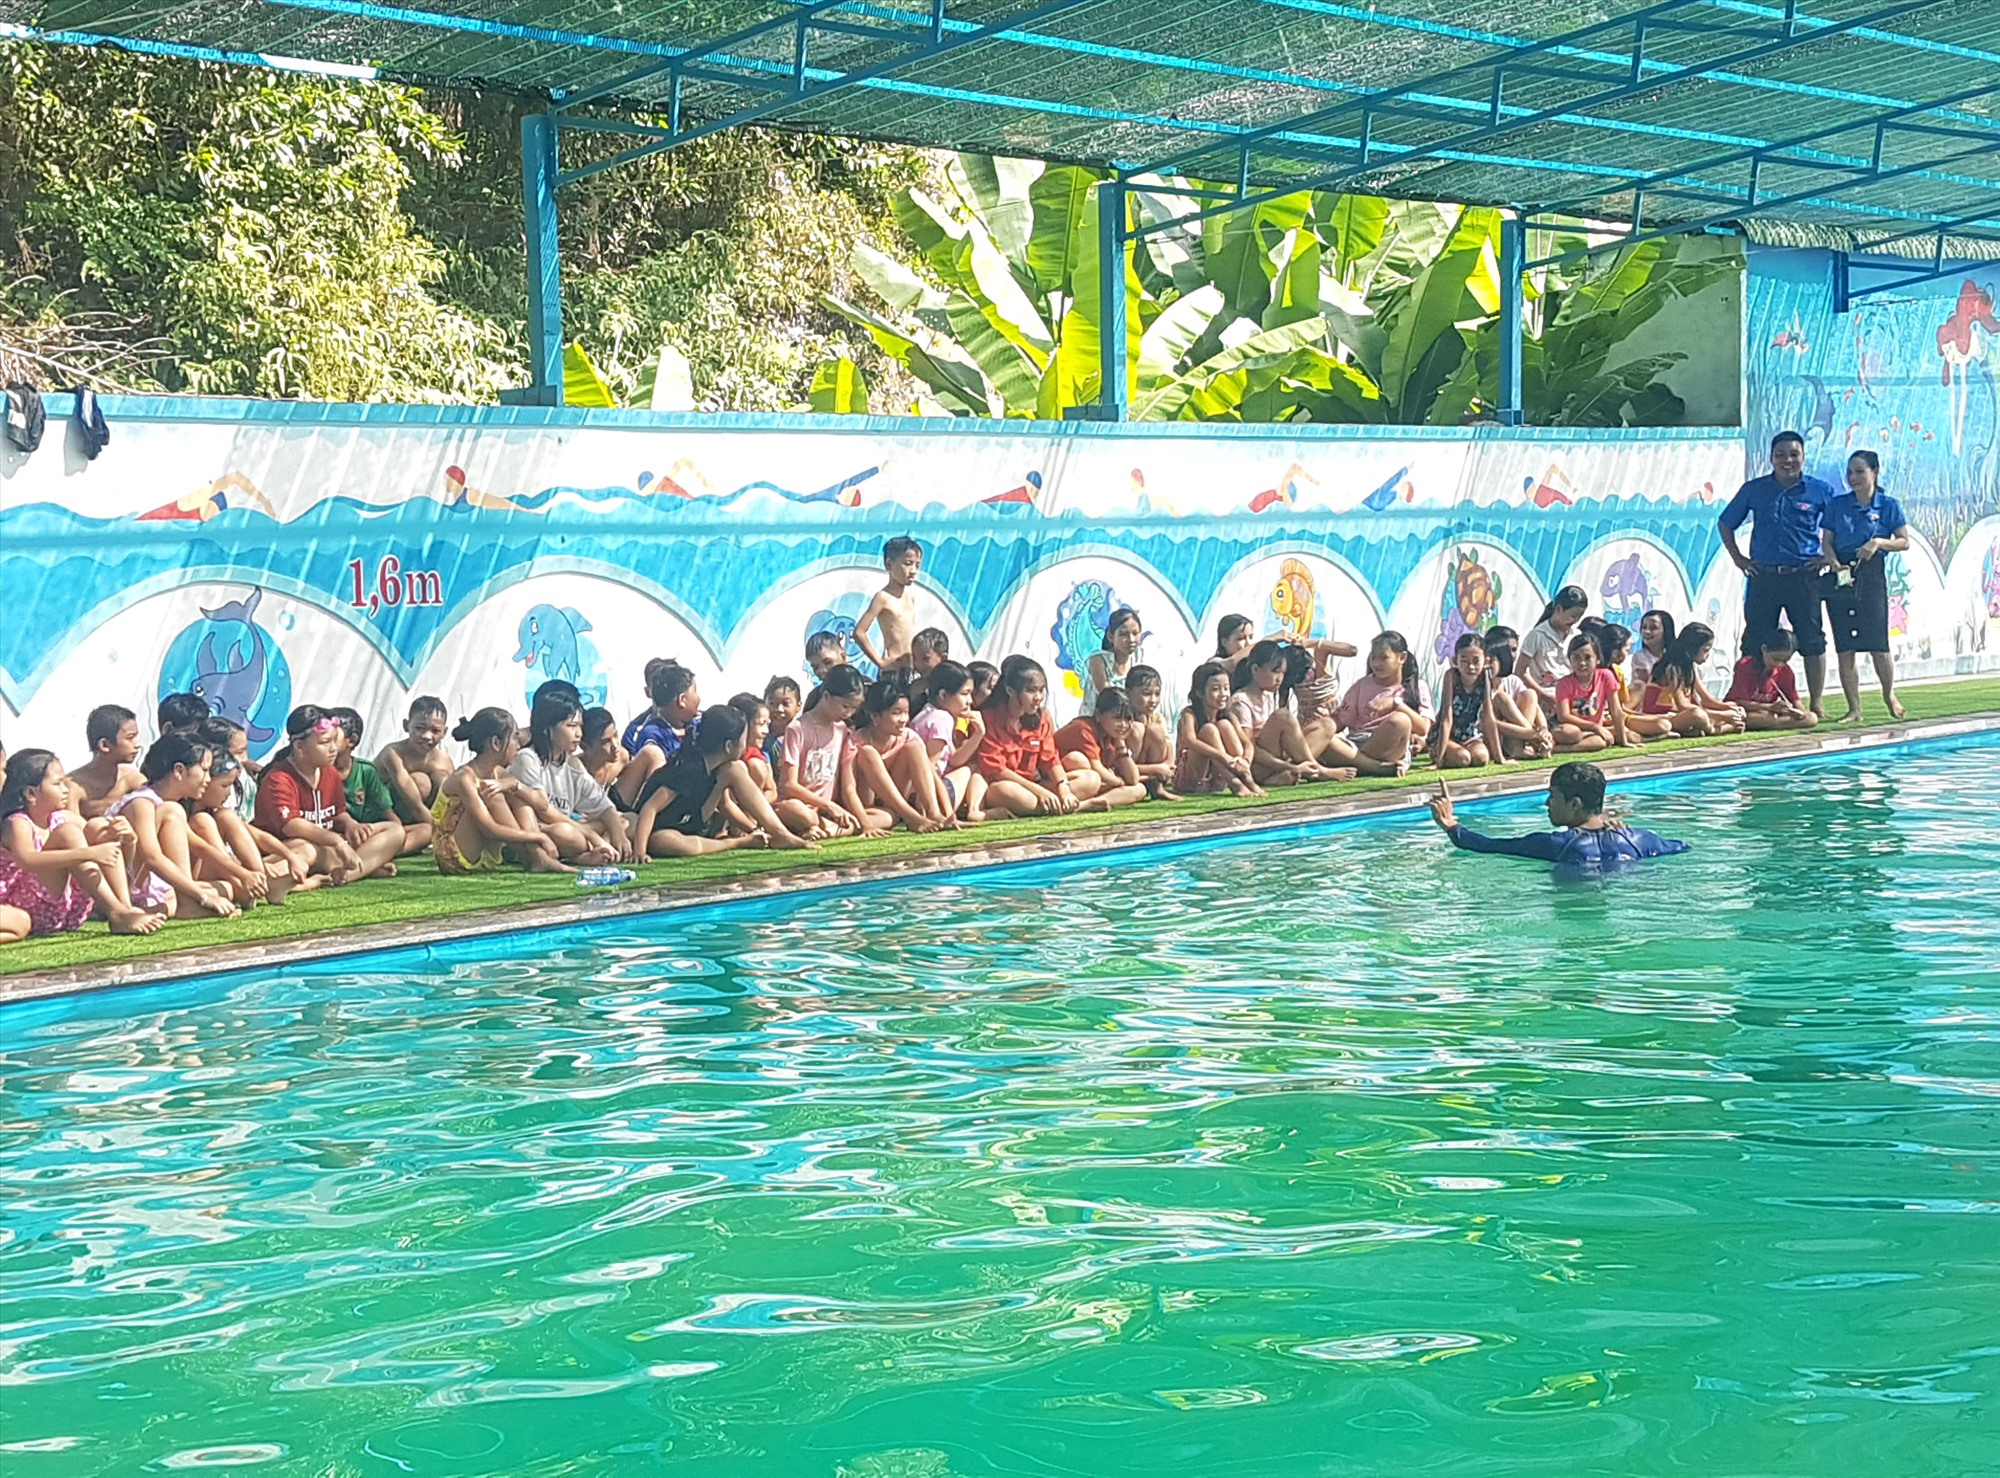 Phổ cập bơi cho trẻ em là điều Quảng Nam đang nỗ lực. Tuy nhiên, vẫn còn gần 70% trẻ em chưa tiếp cận được với kỹ năng này. Ảnh; L.Q